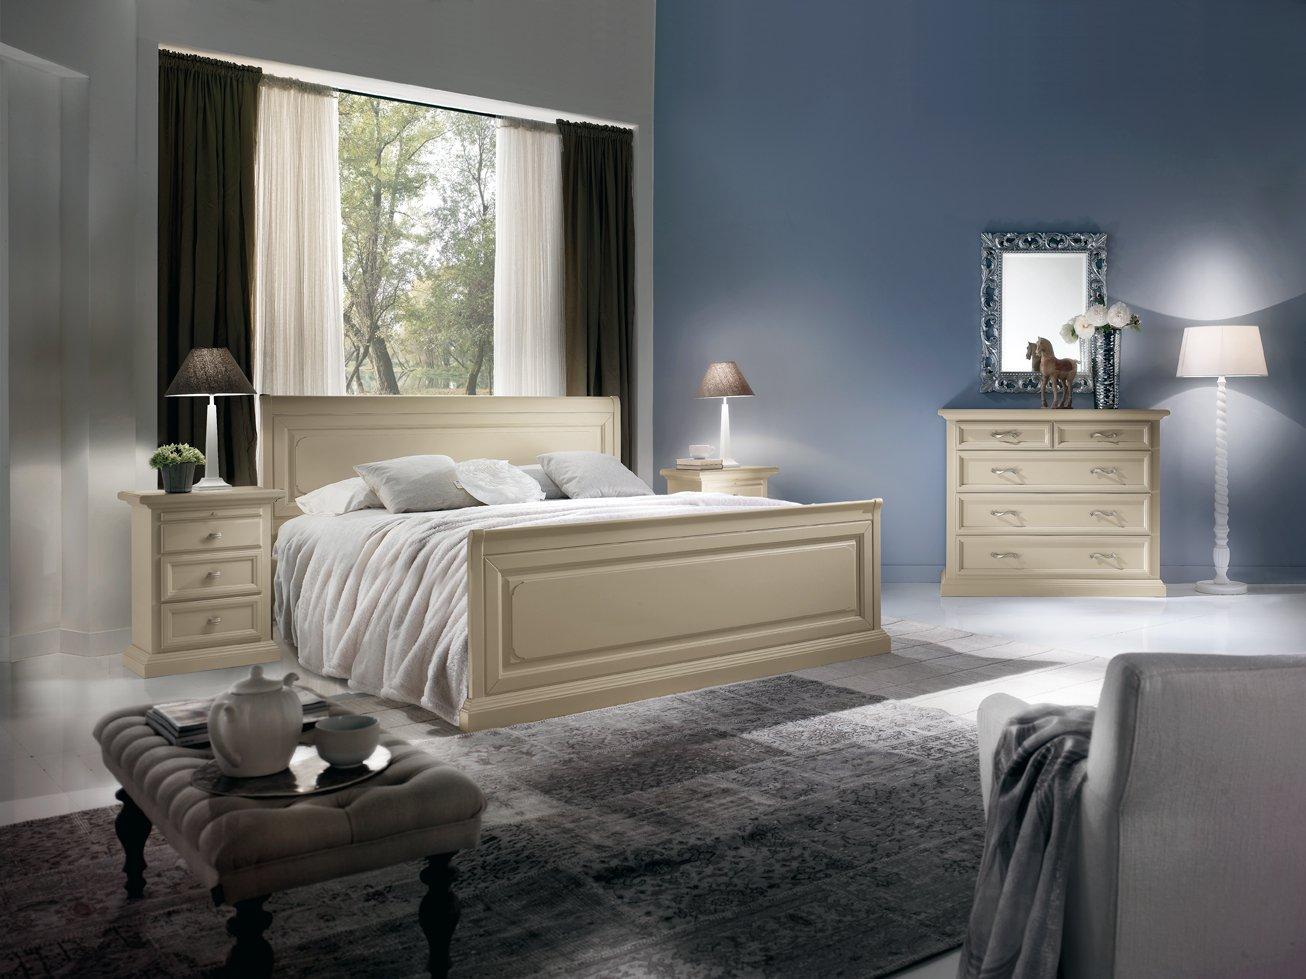 Comodino 3 cassetti e tiretto mobili in stile linea la - La maison mobili ...